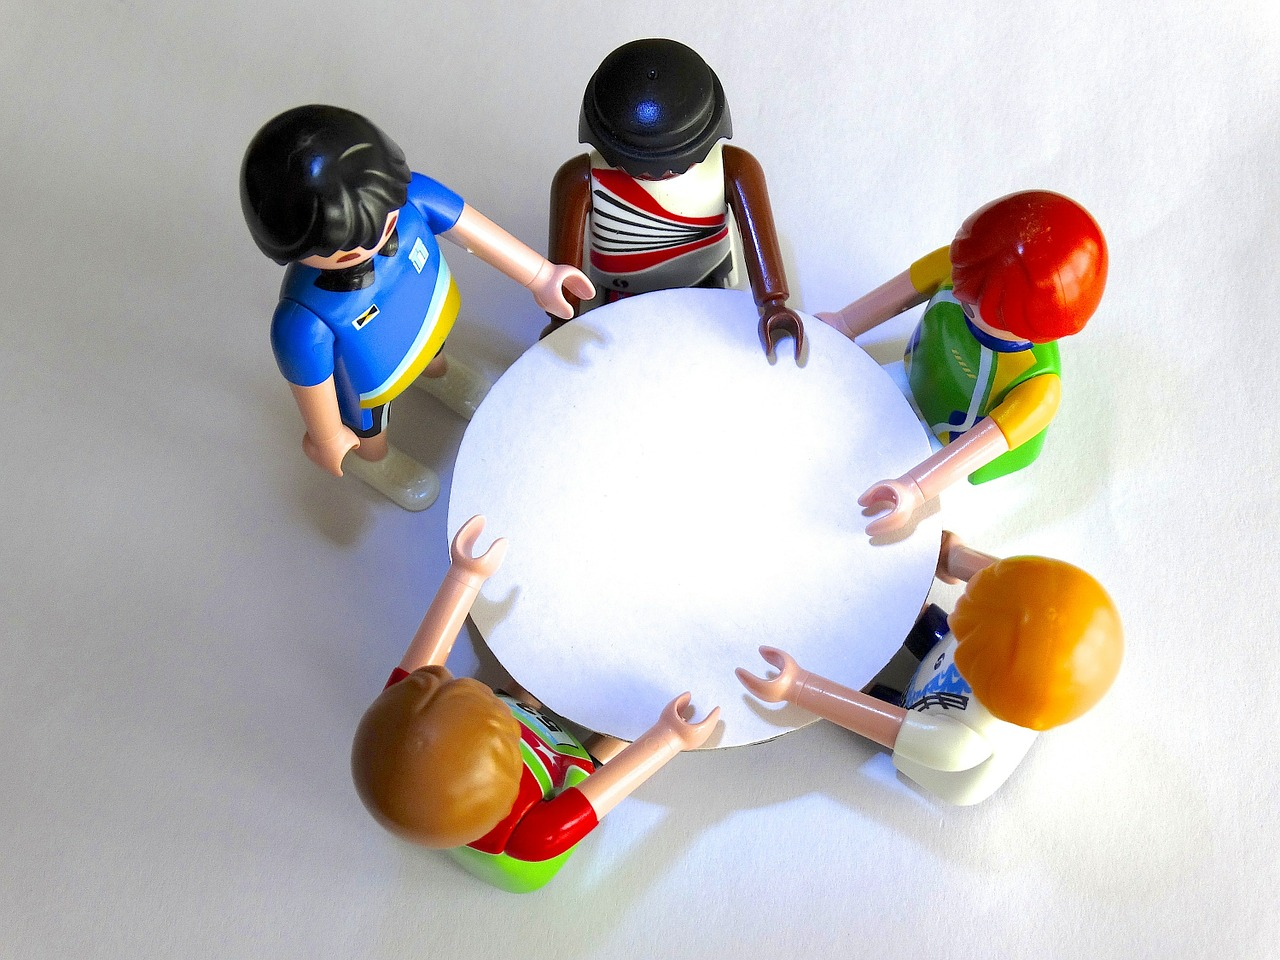 観察力を鍛えコミュニケーションスキルを高めよう